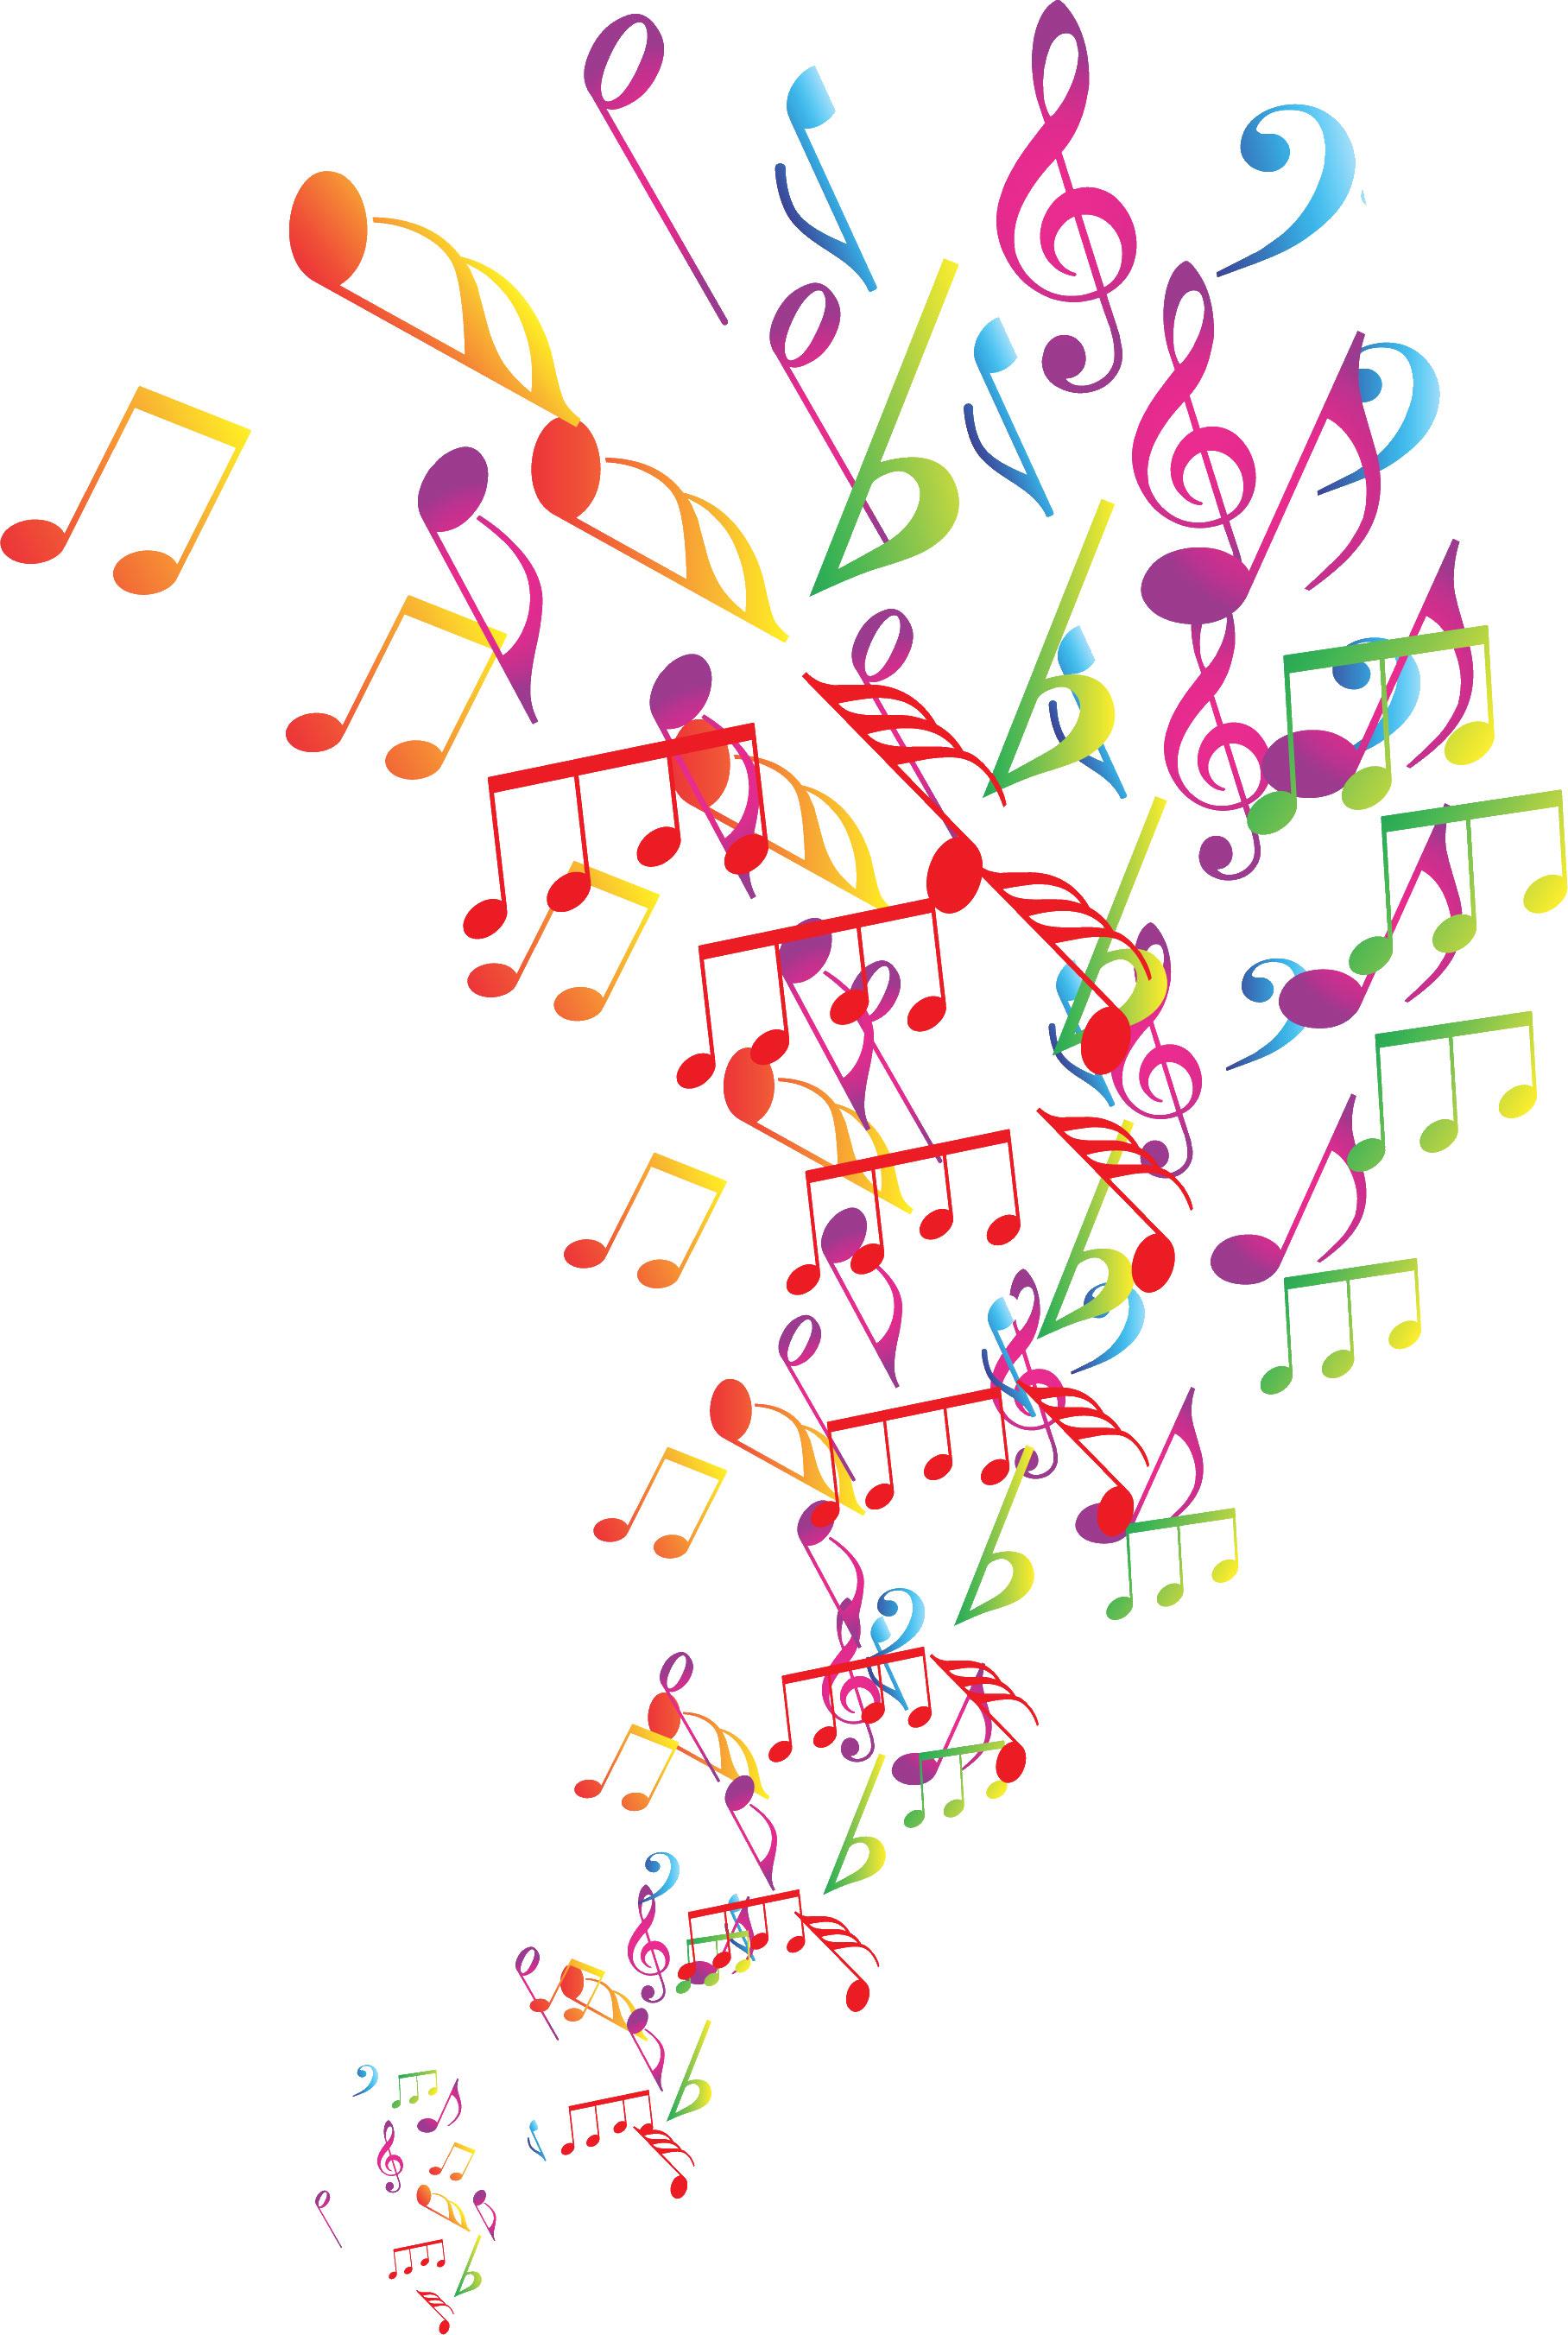 音符イラスト広がる音符 カラフル 無料のフリー素材